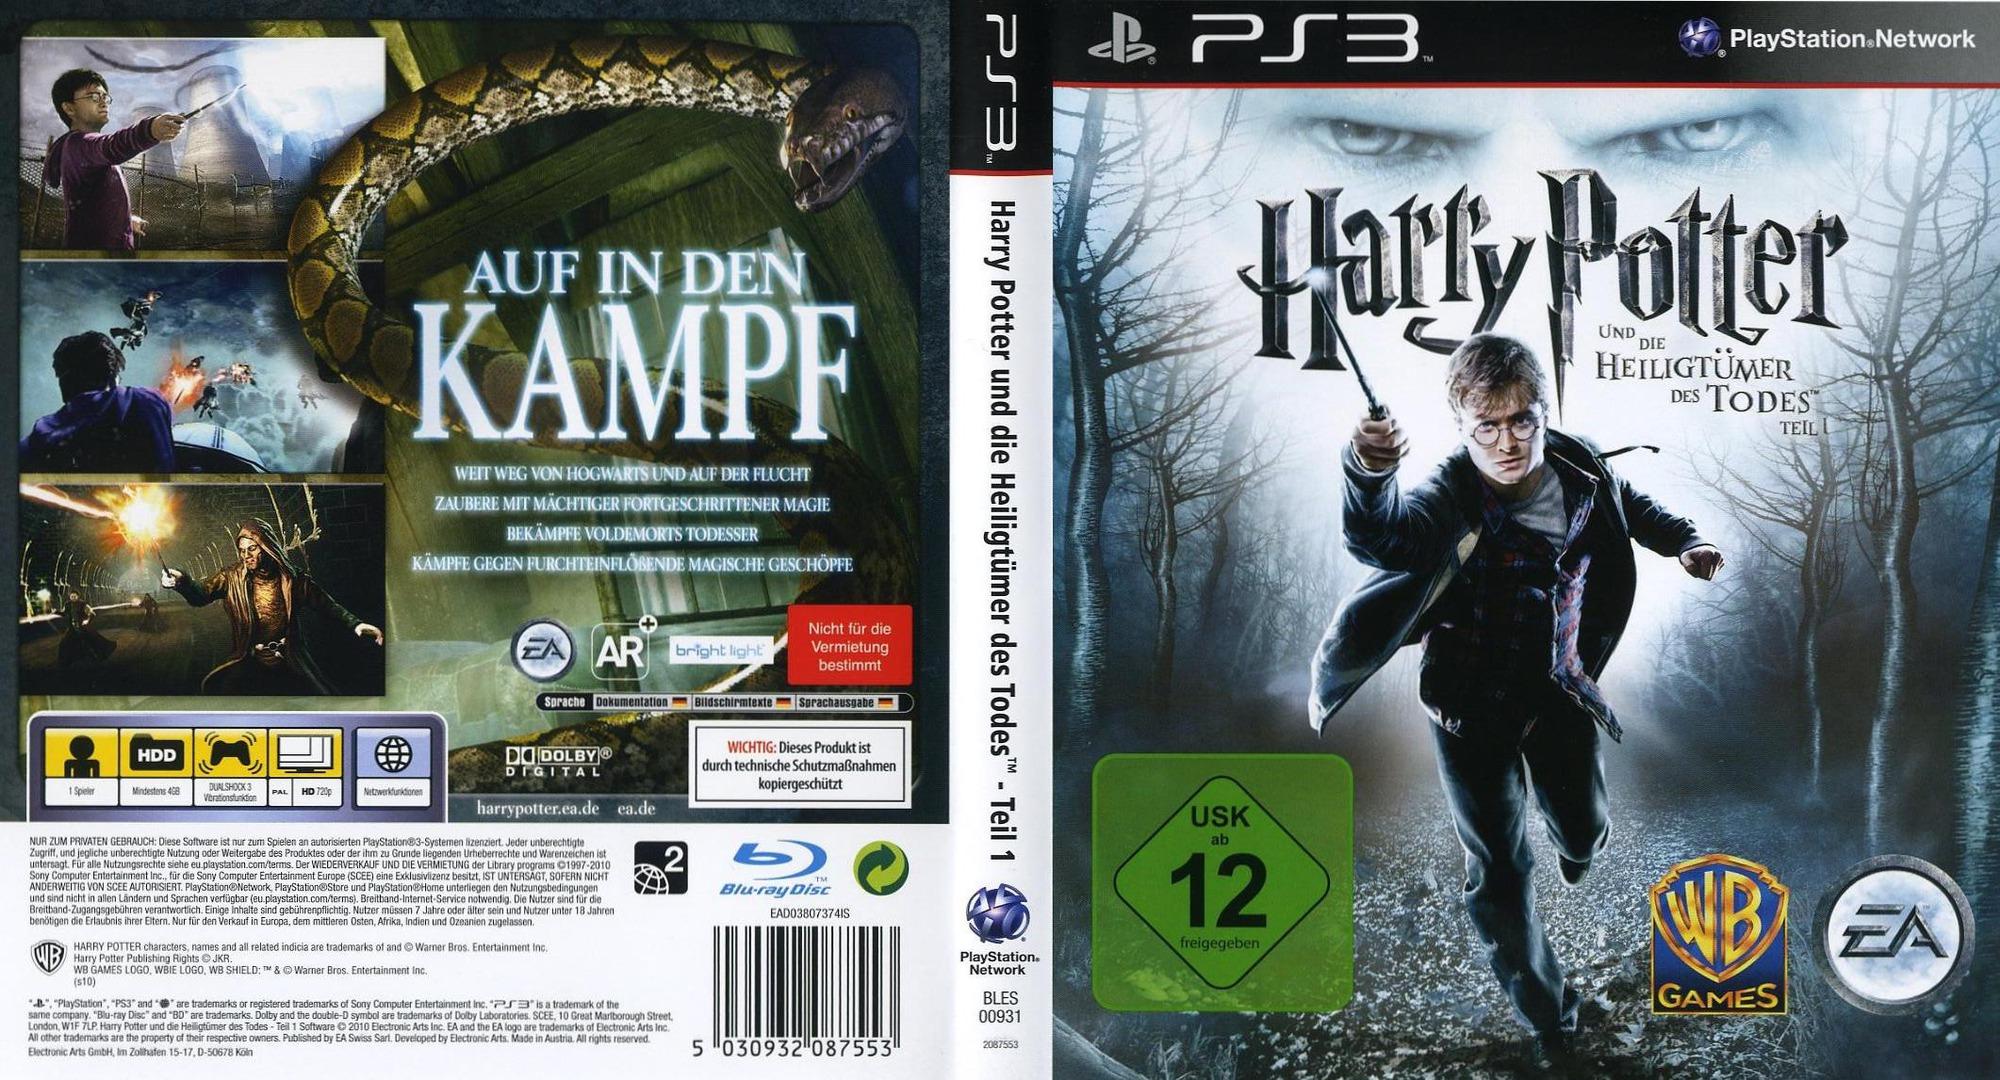 Harry Potter un die Heiligtümer des Todes - Teil 1 PS3 coverfullHQ (BLES00931)